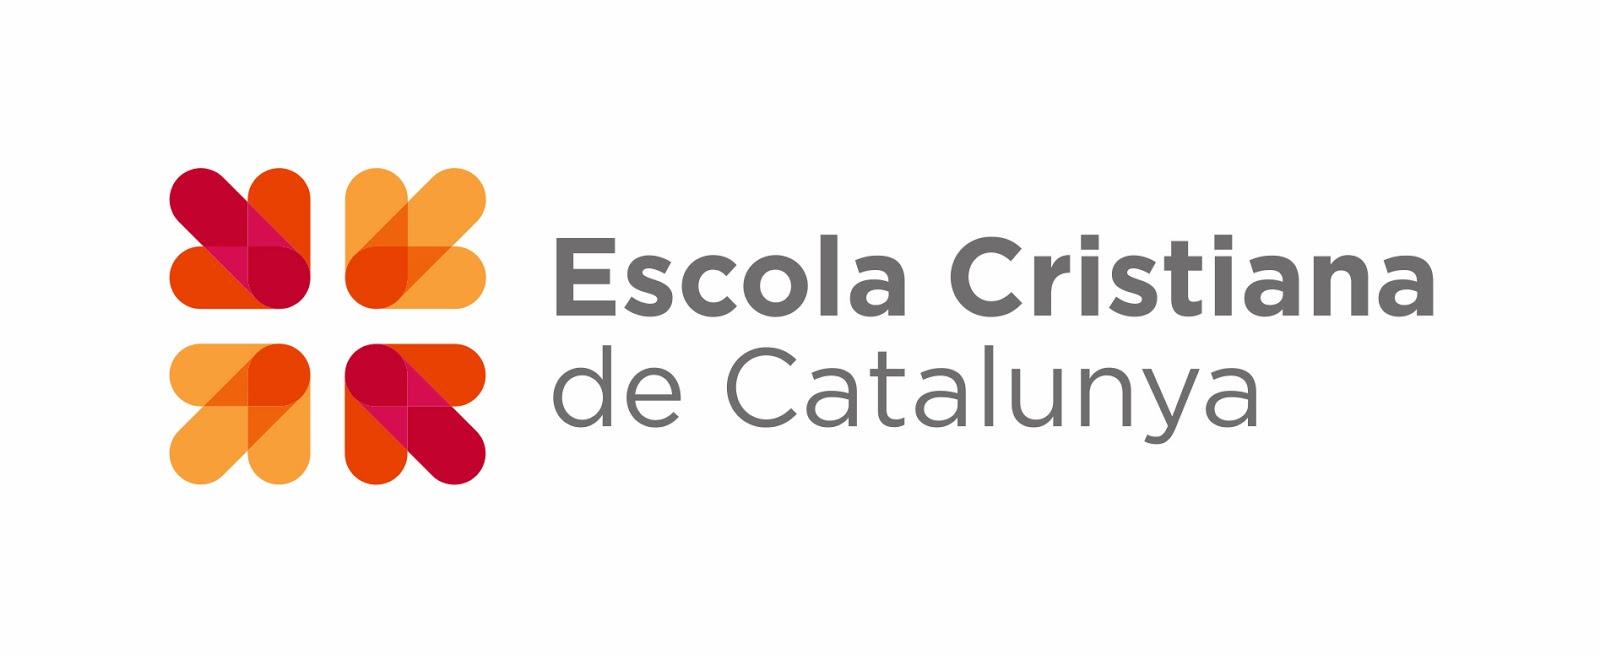 http://catalunyareligio.cat/blog/lescola-cristiana/14-01-2014/escola-cristiana-catalunya-marca-comuna-ens-identi-51792